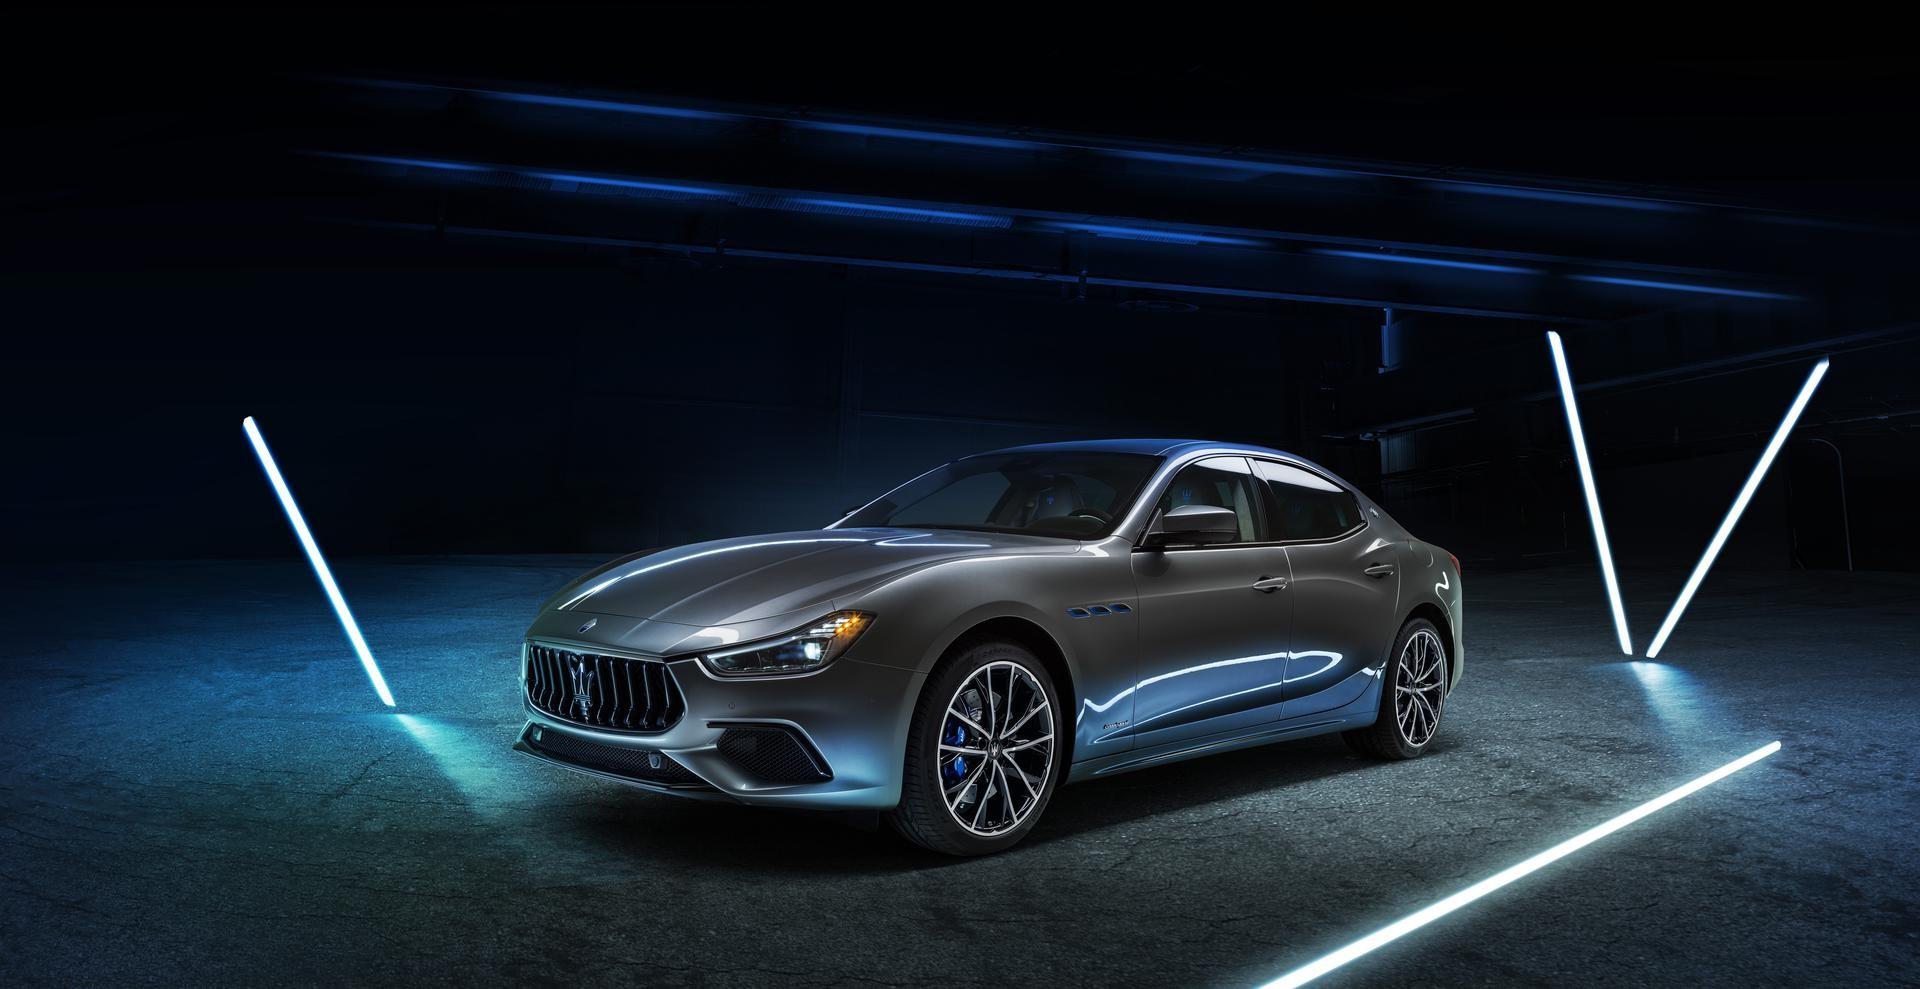 Ghibli Hybrid: de eerste geëlektrificeerde Maserati